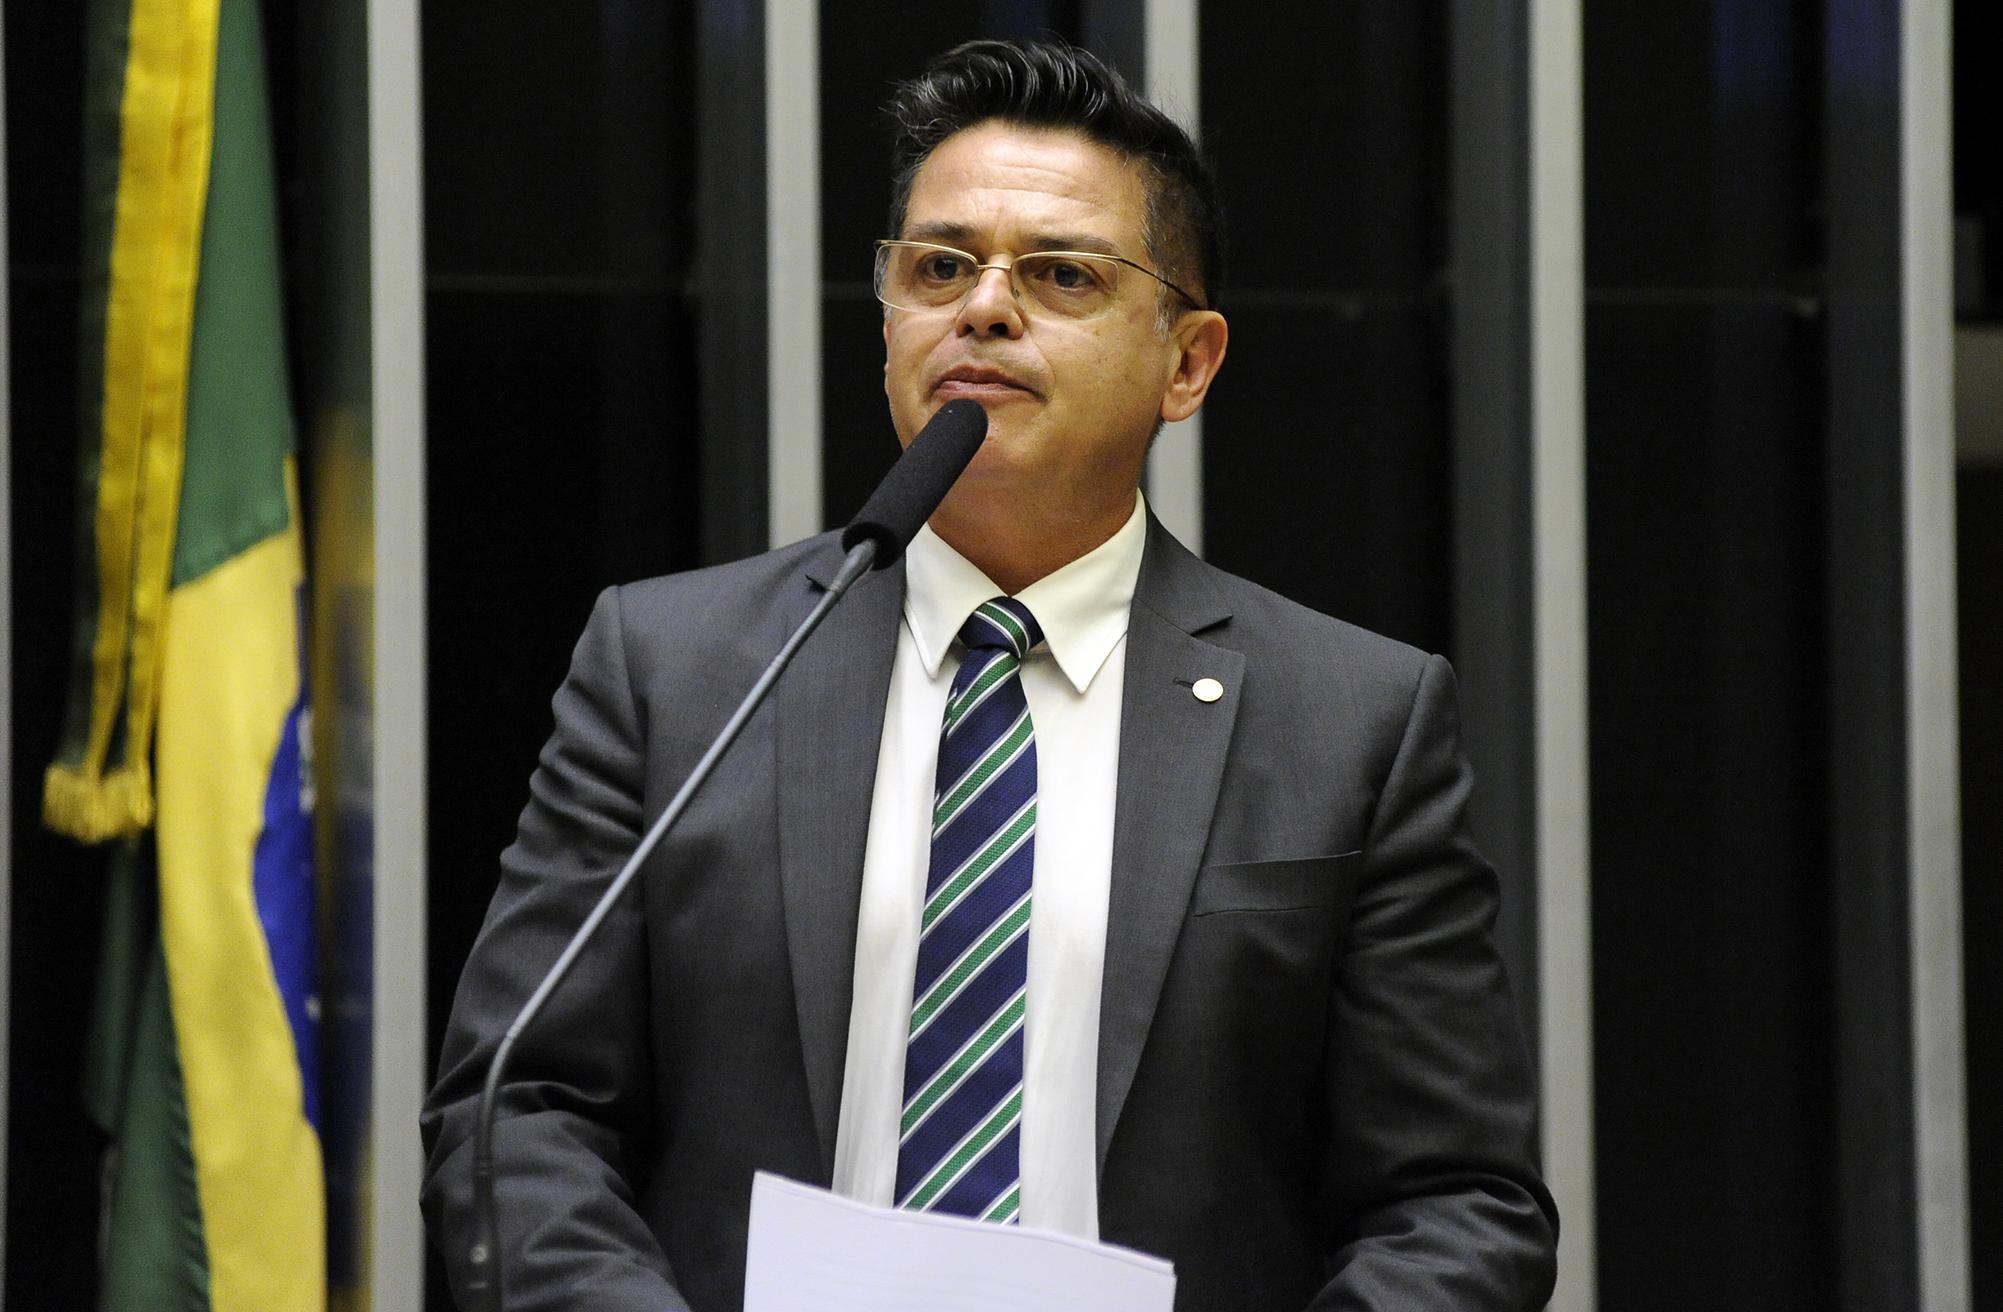 Sessão solene em homenagem aos dez anos da Parceria Estratégica Brasil-União Europeia e aos Sessenta Anos do Tratado de Roma. Dep. Eduardo Barbosa (PSDB-MG)